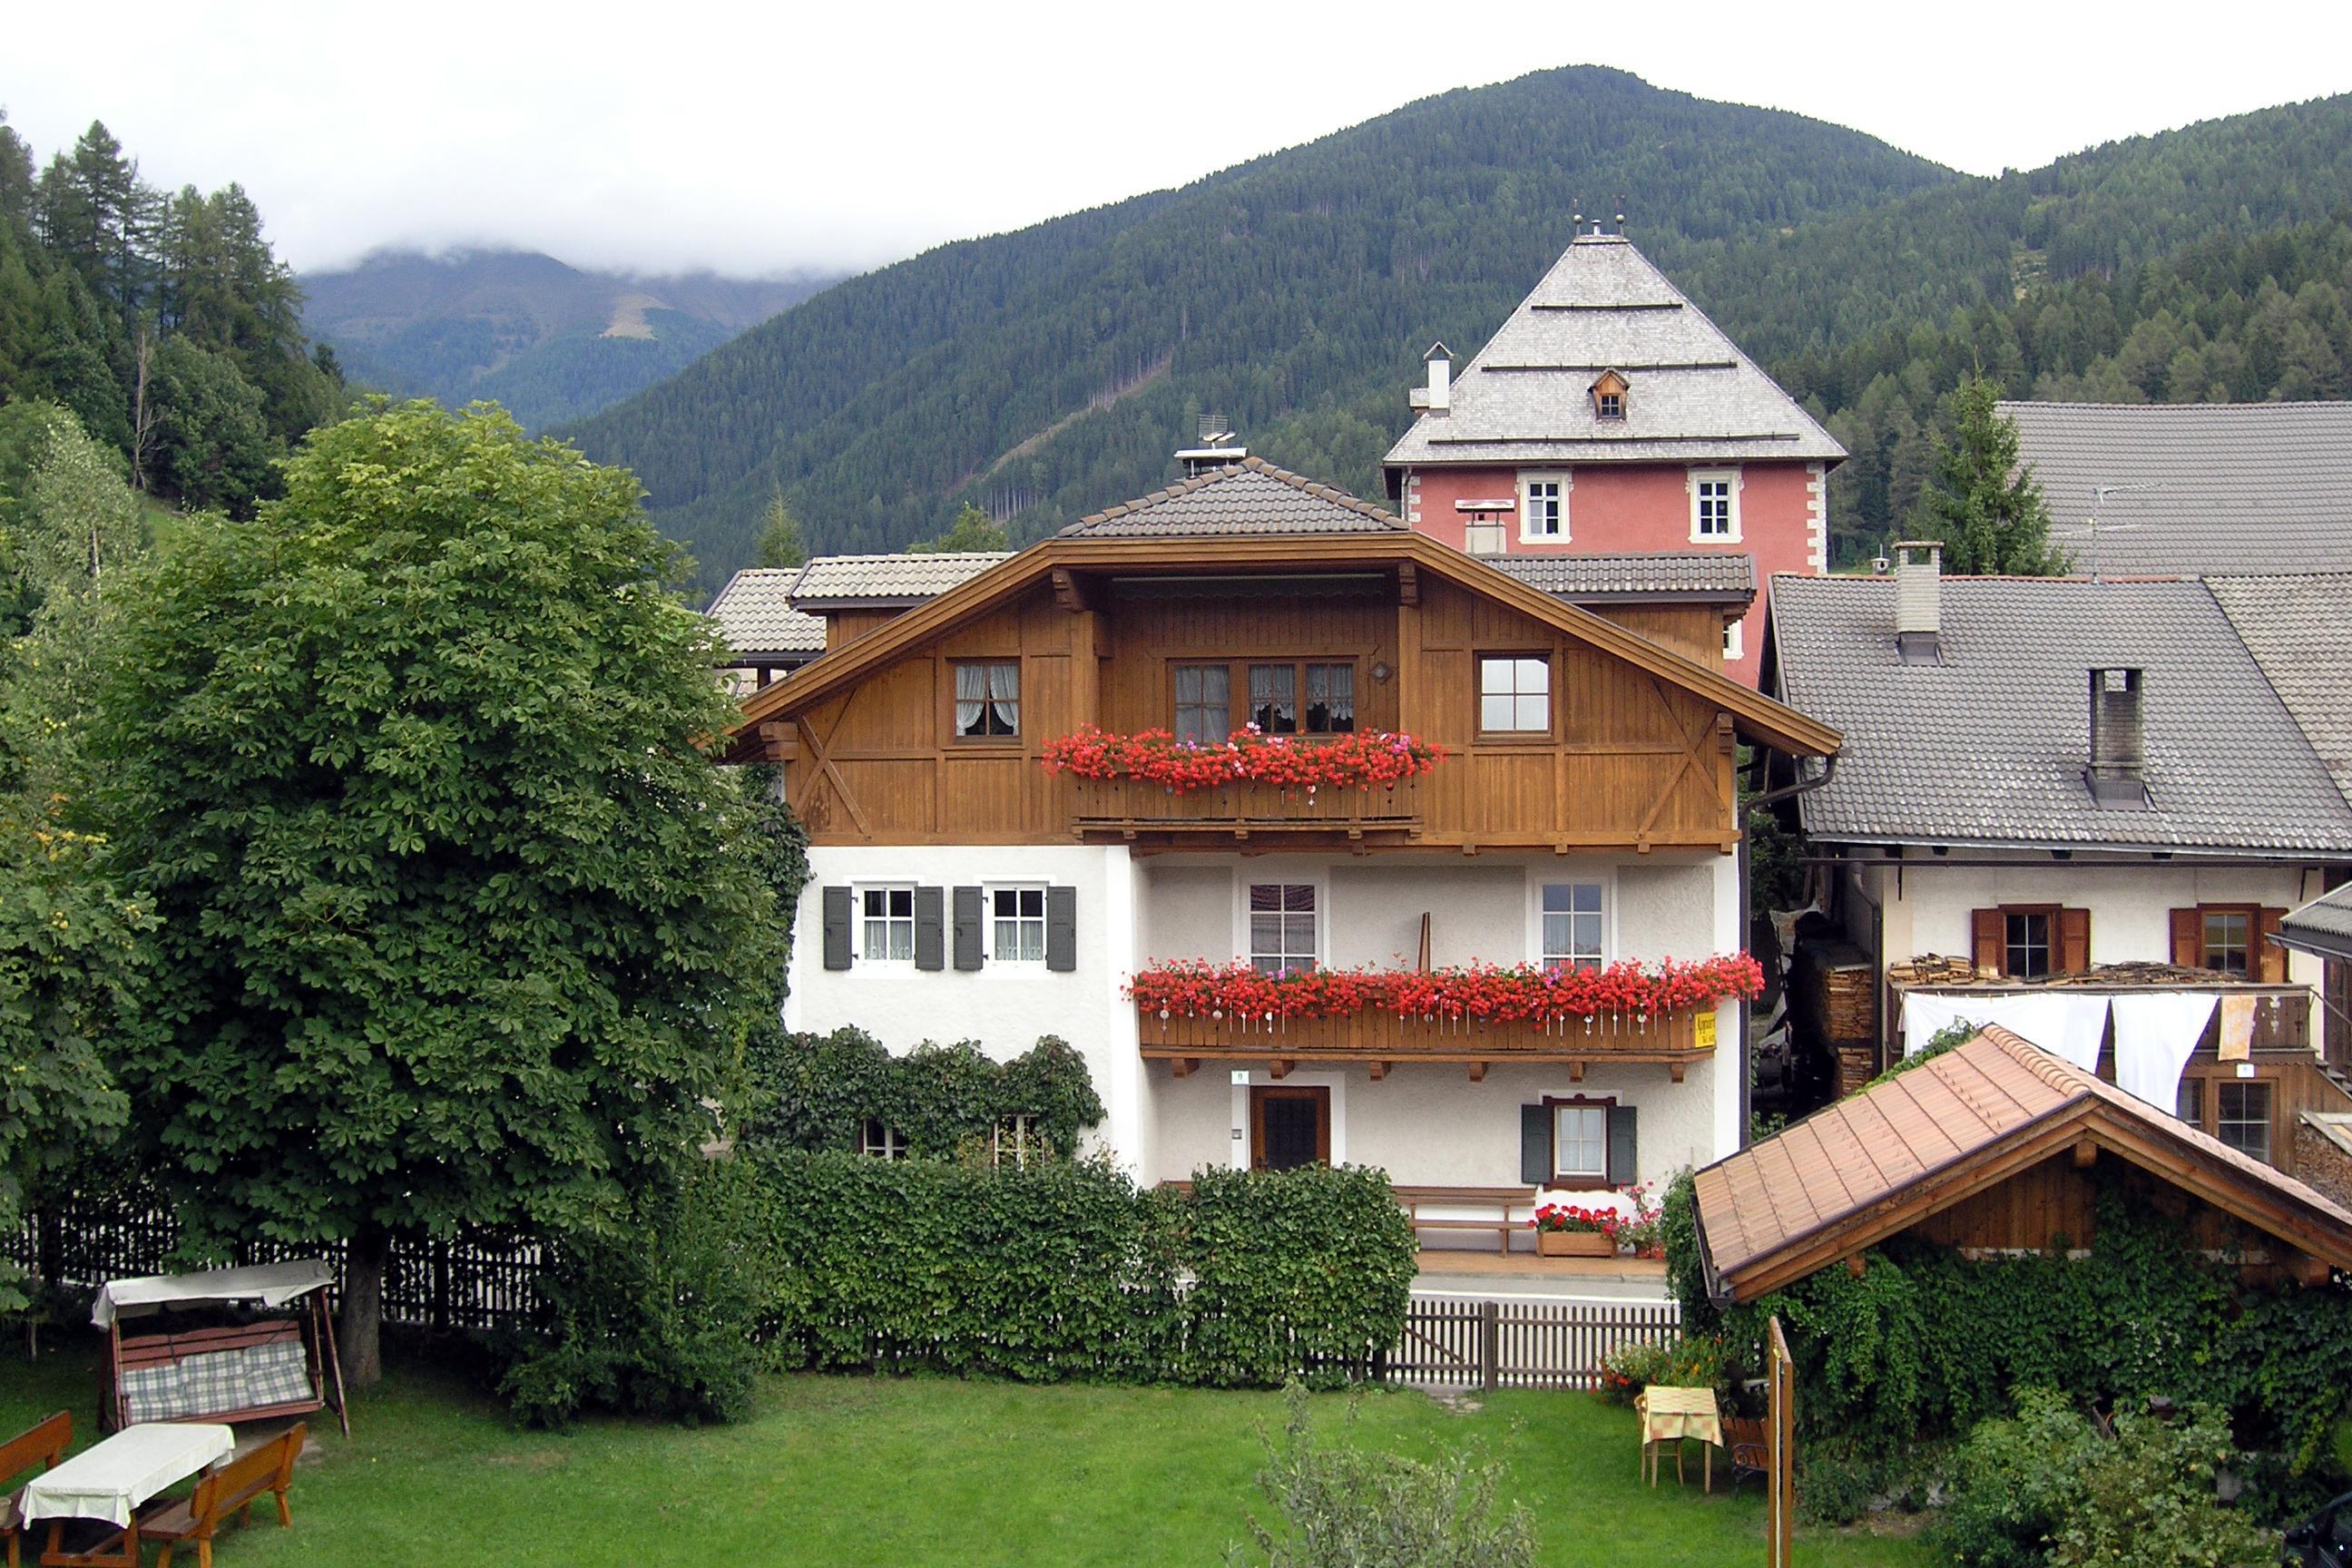 Friedlerhof